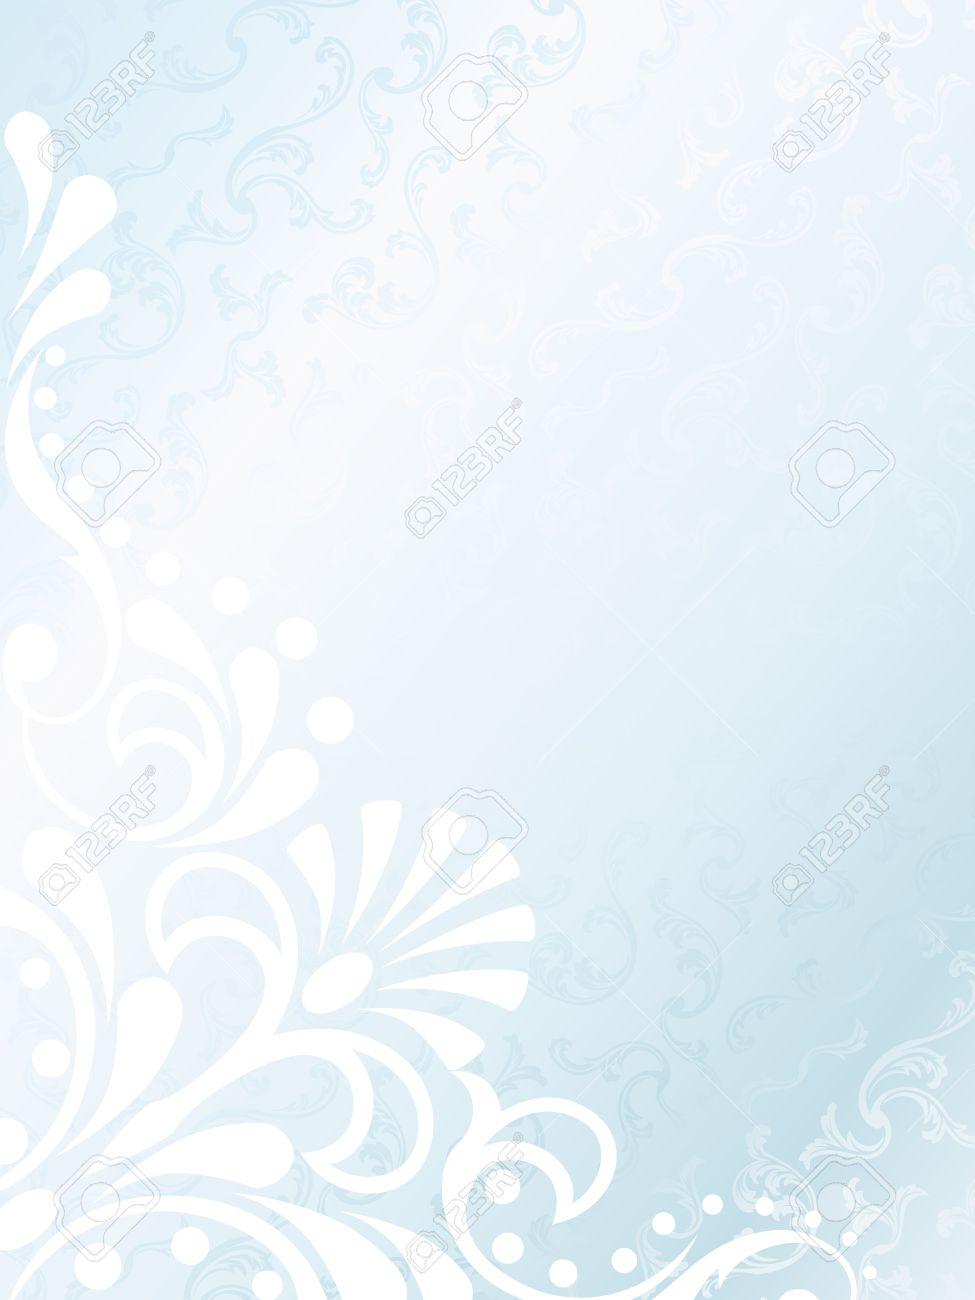 vertical elegante victoriana fondo blanco prefecto para diseos de boda se agrupan los grficos